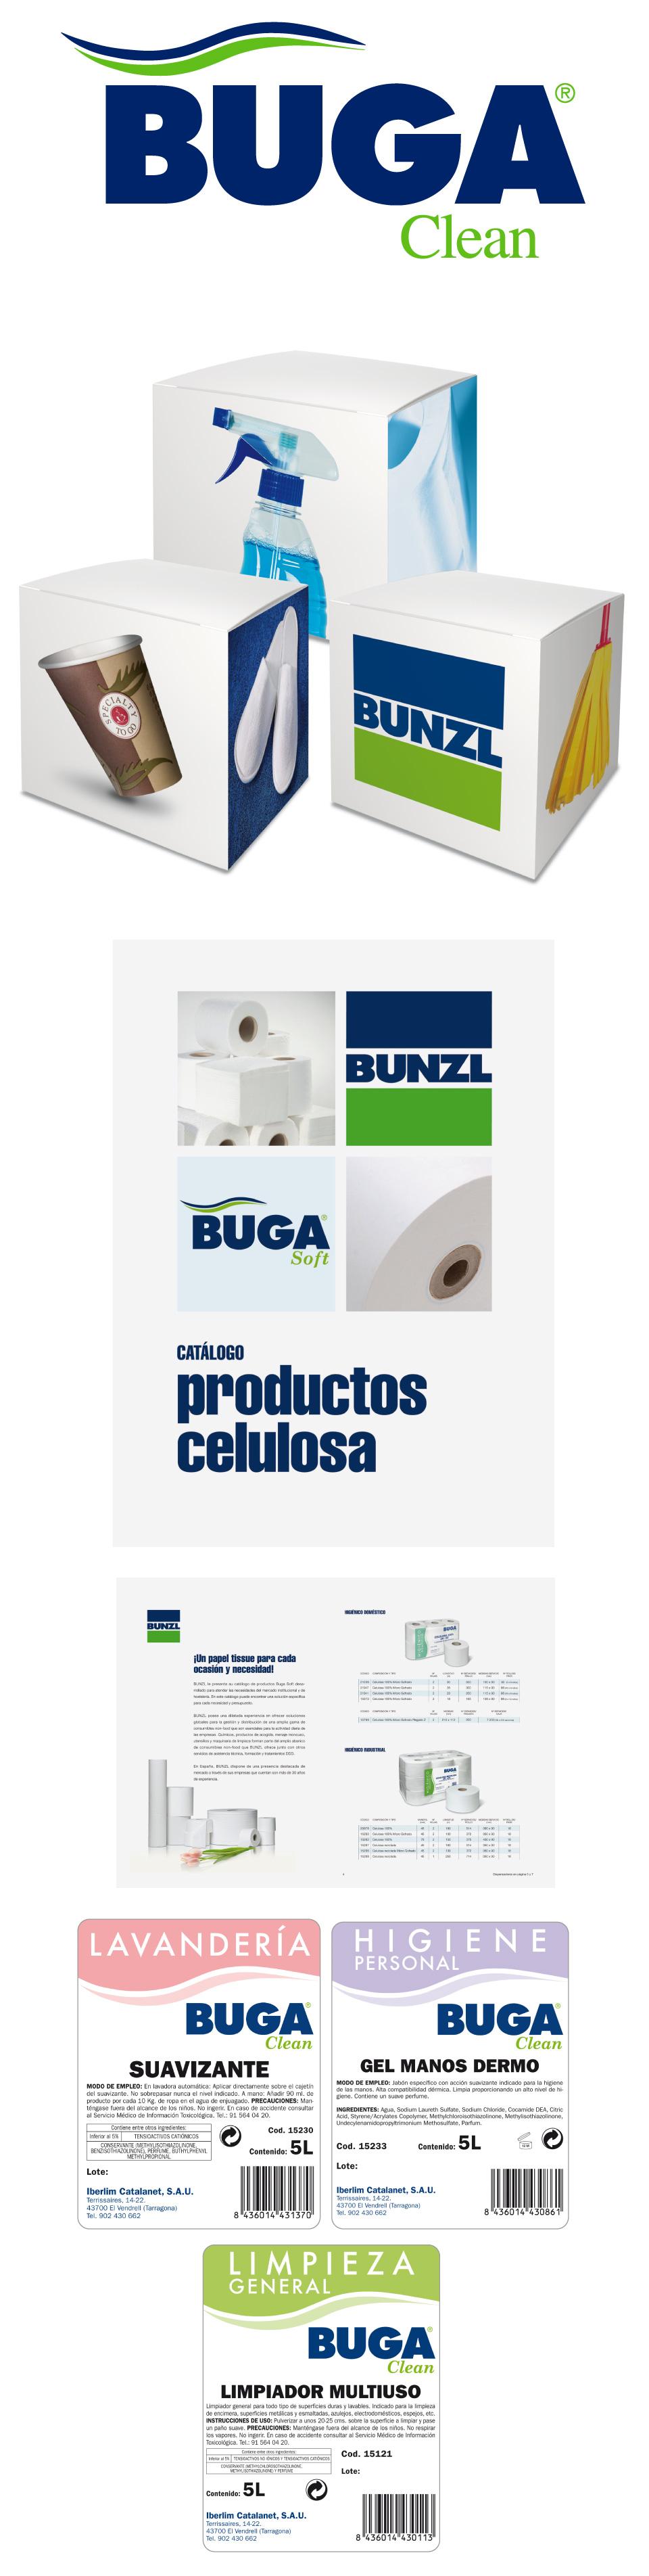 Logotipos, packaging y trípticos de la marca de limpieza Buga